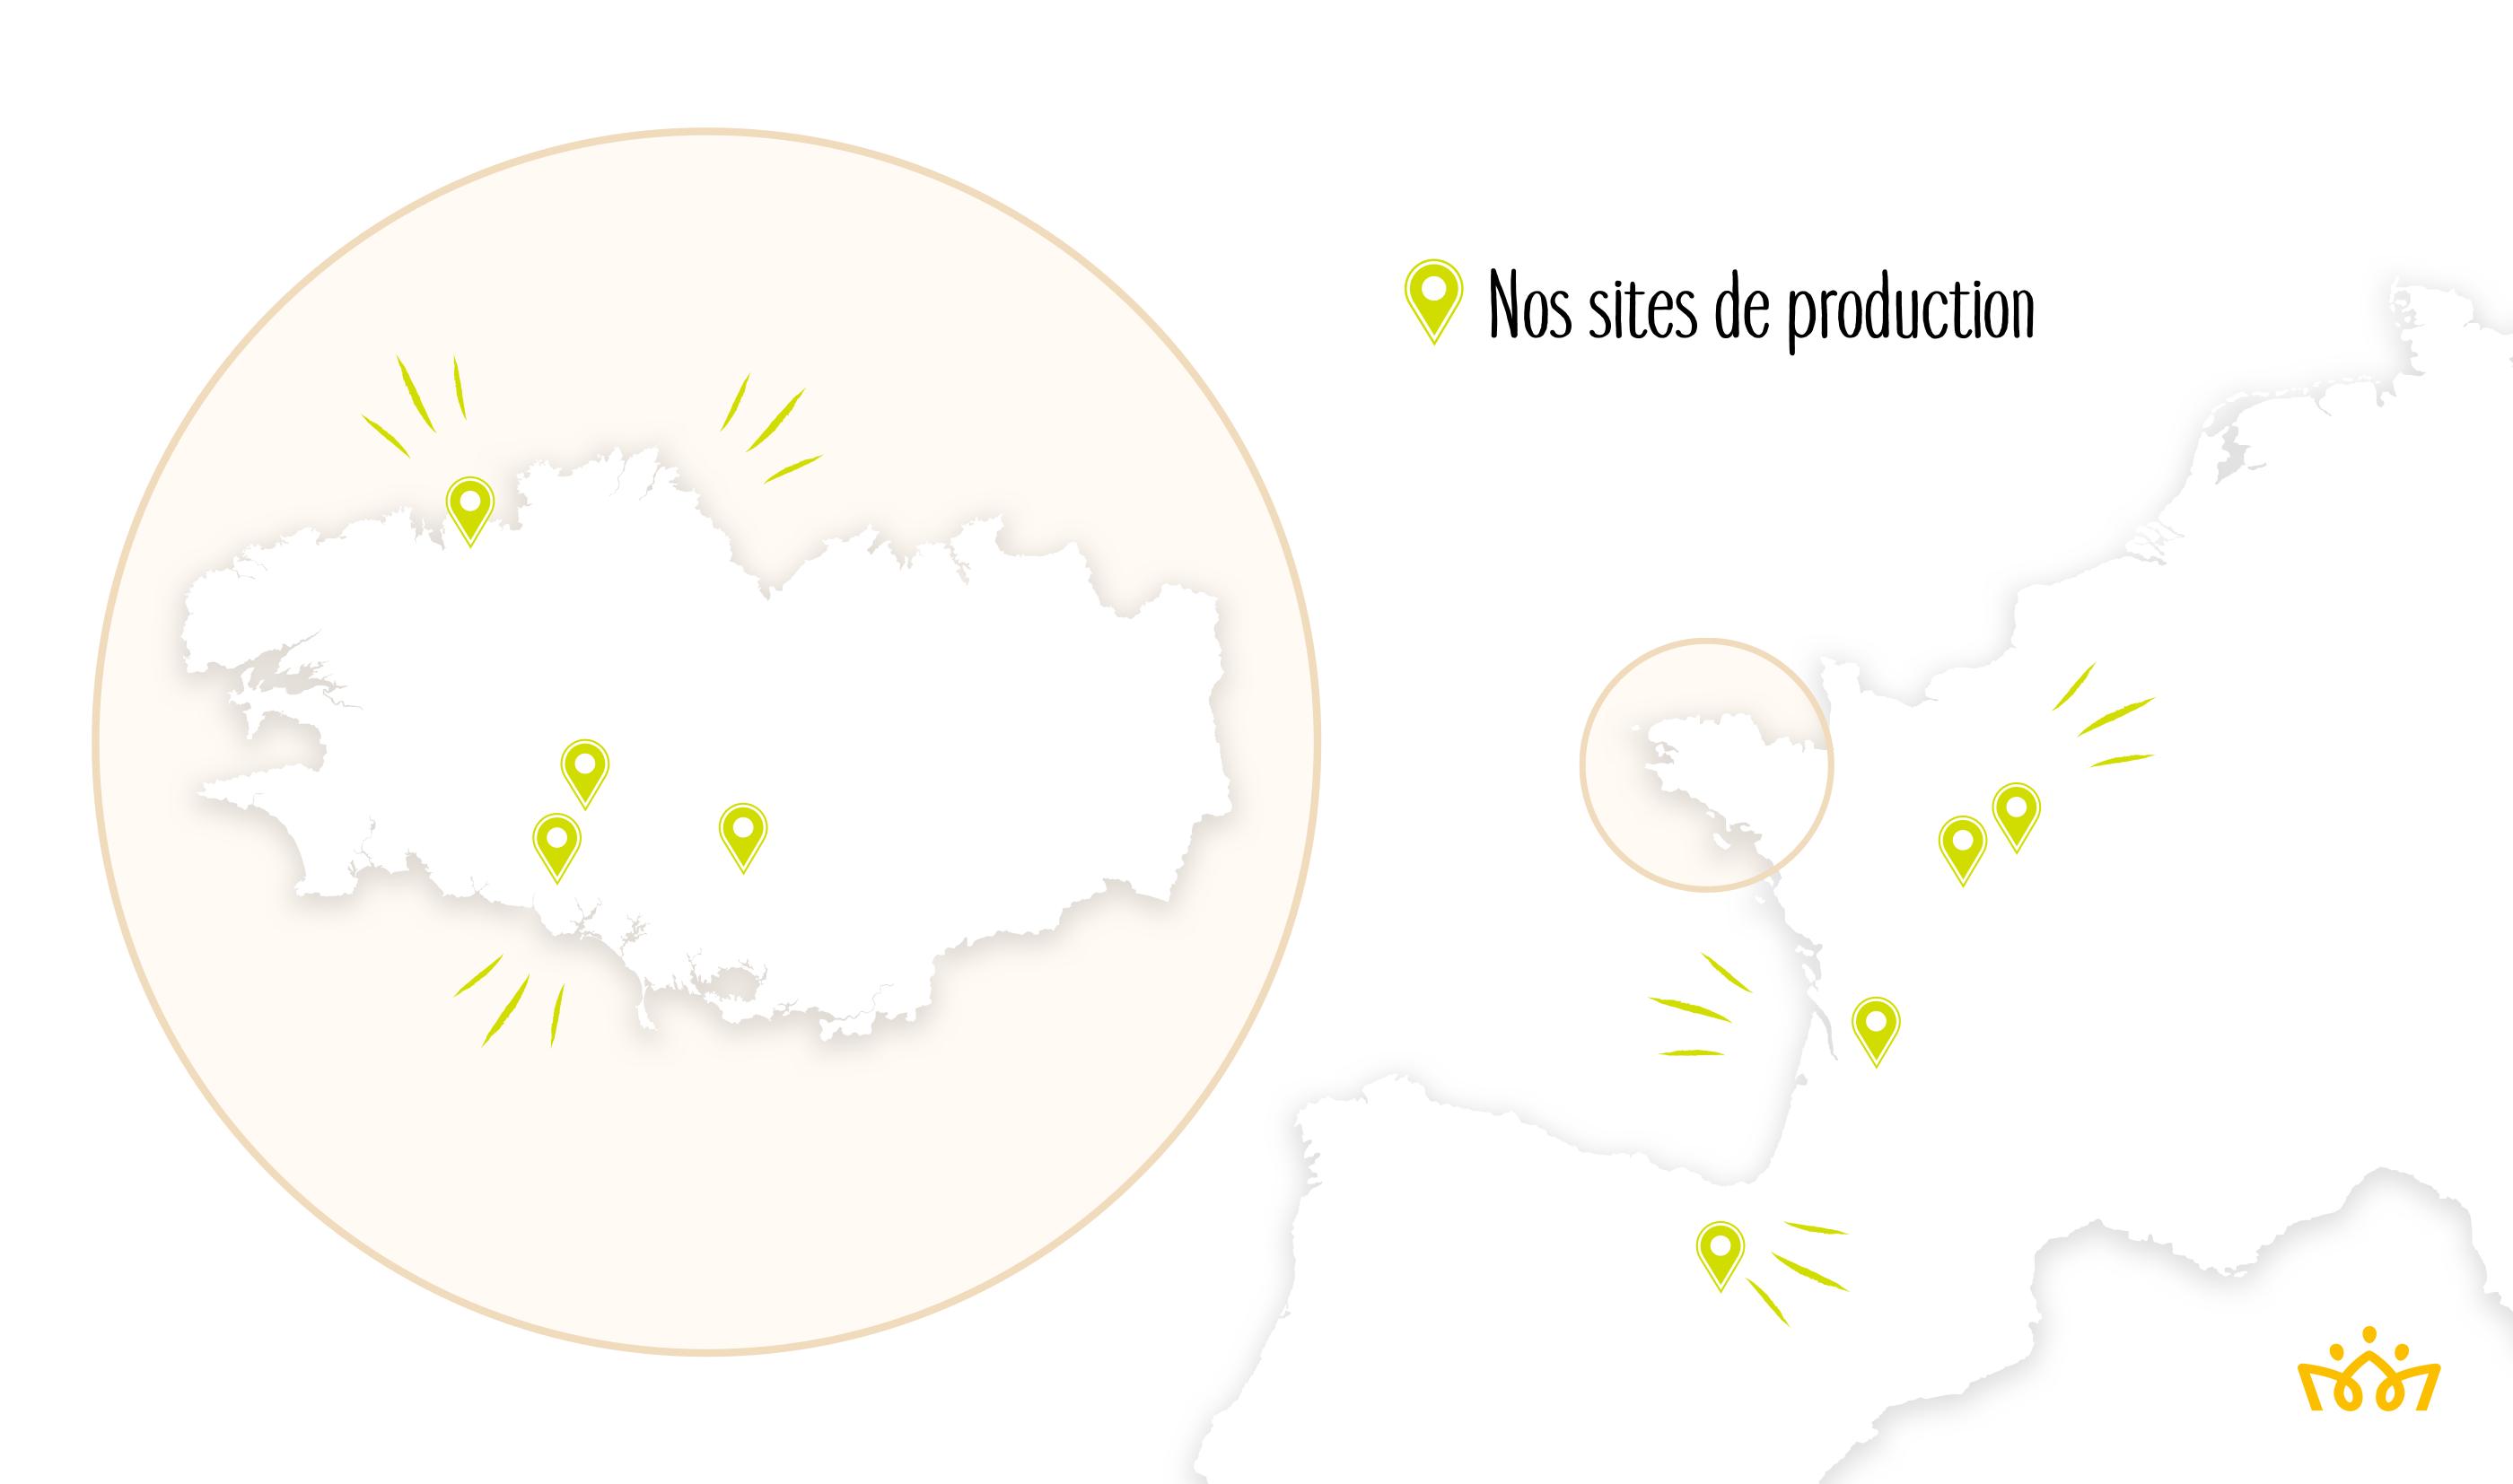 Nos sites de production